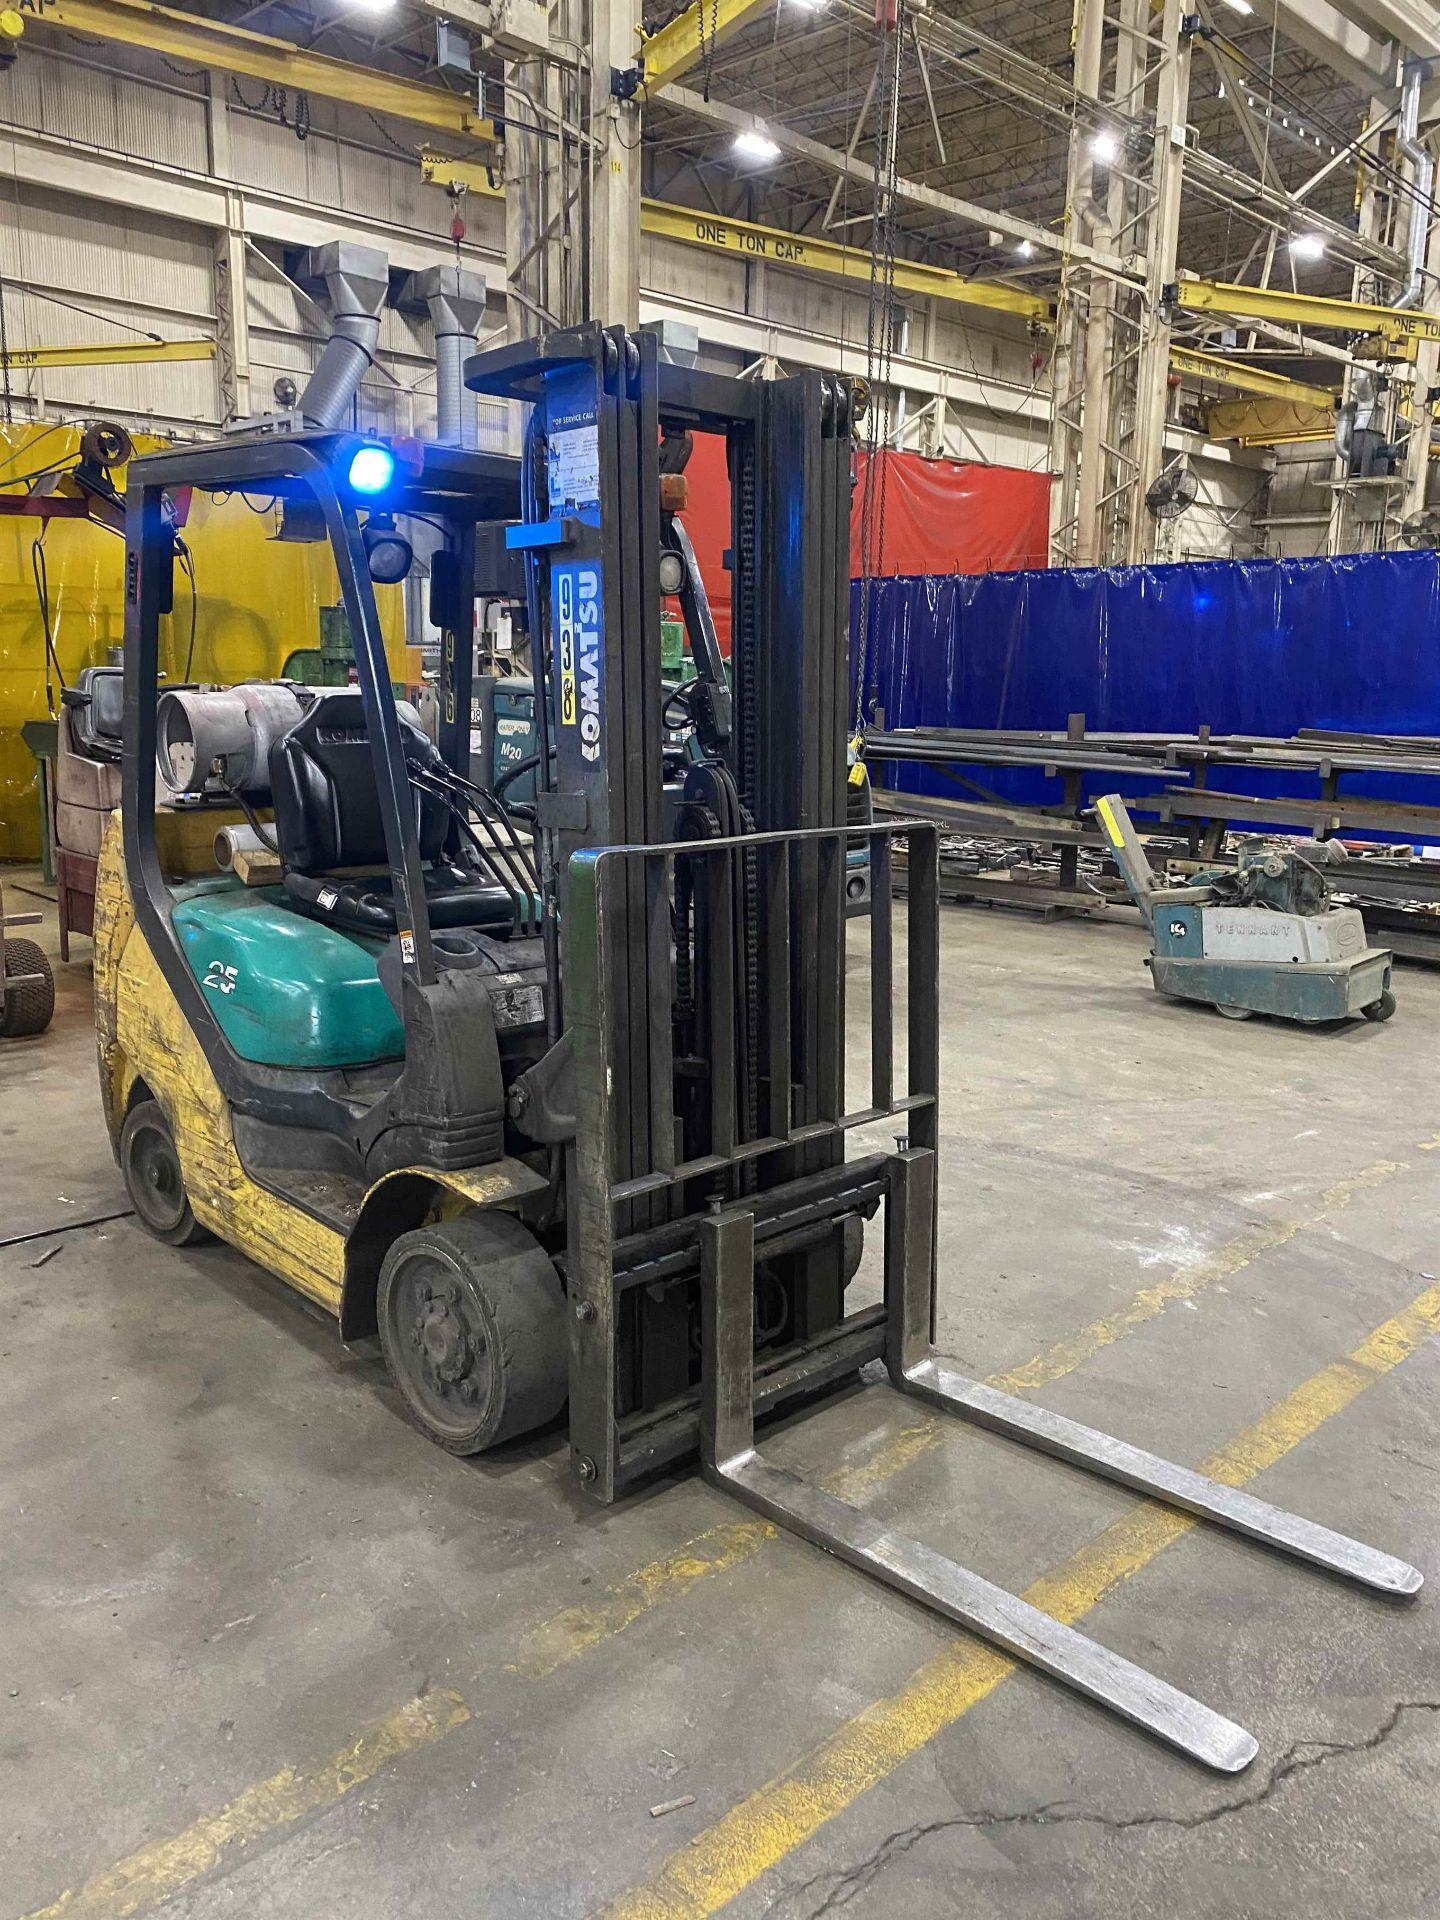 """KOMATSU FG25ST-16 5,000 Lb. LPG Forklift, s/n 214232A, Two-Stage Mast, Side Shift, 48"""" Fork - Image 5 of 7"""